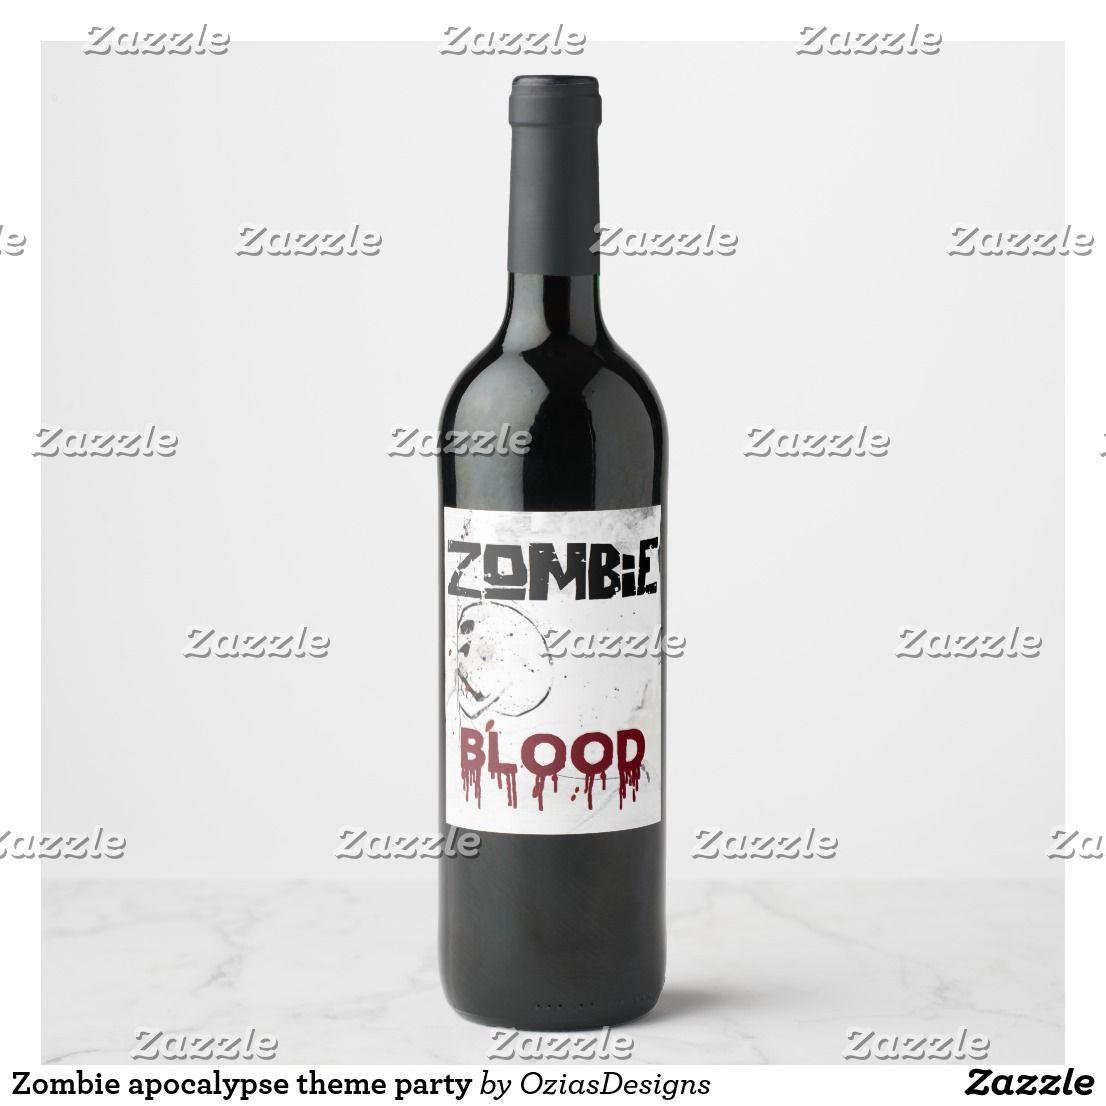 Zombie apocalypse theme party wine label | Zazzle.com #zombieapocalypseparty